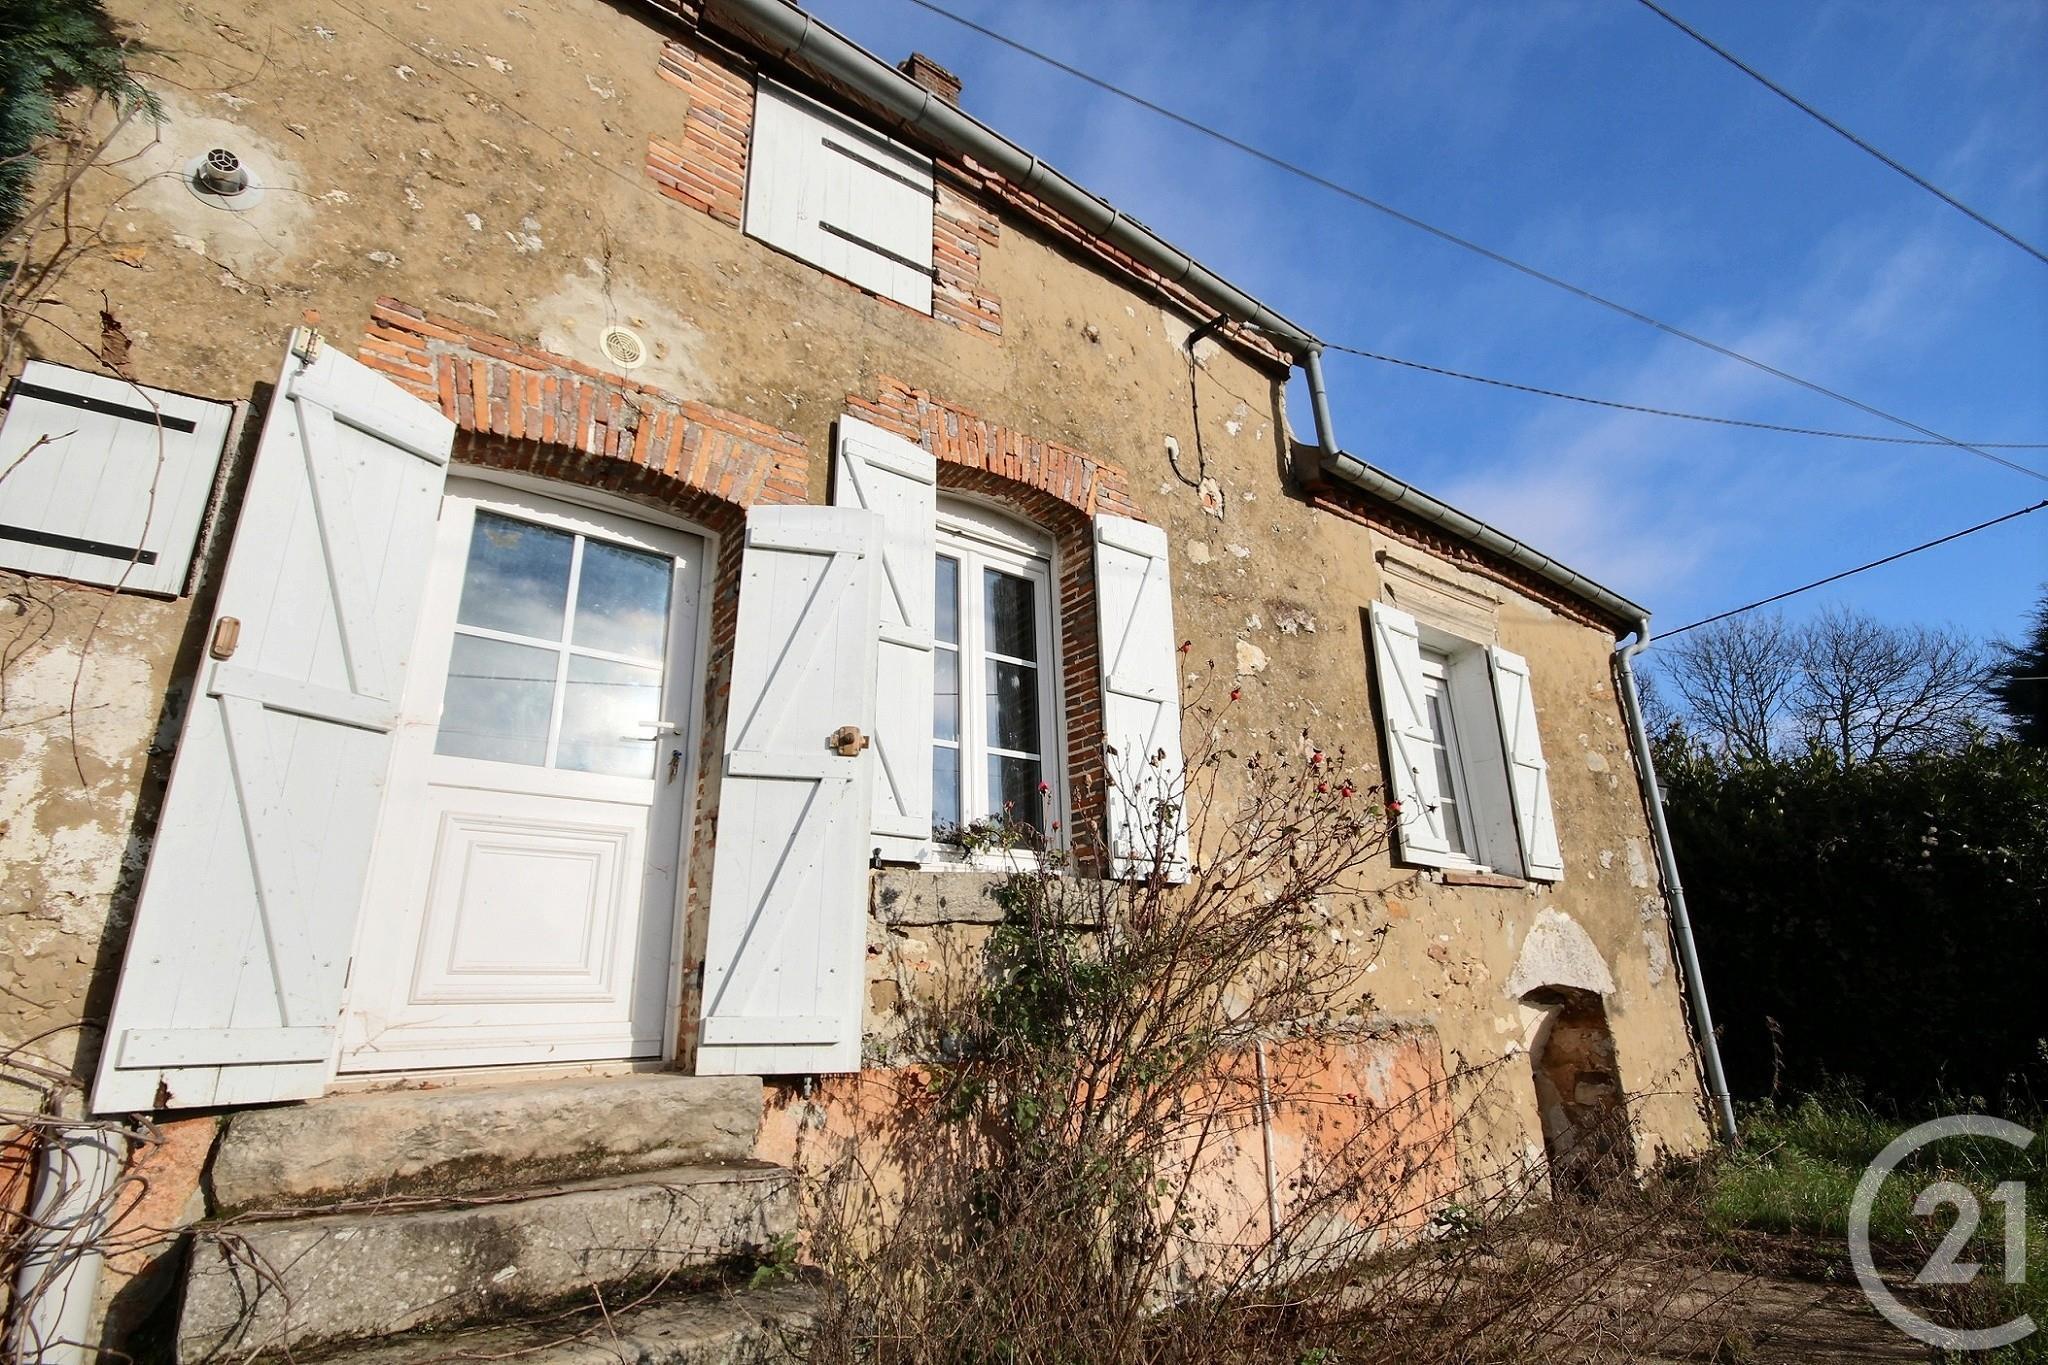 Maison A Vendre  M La Ferte Gaucher  Ile De France